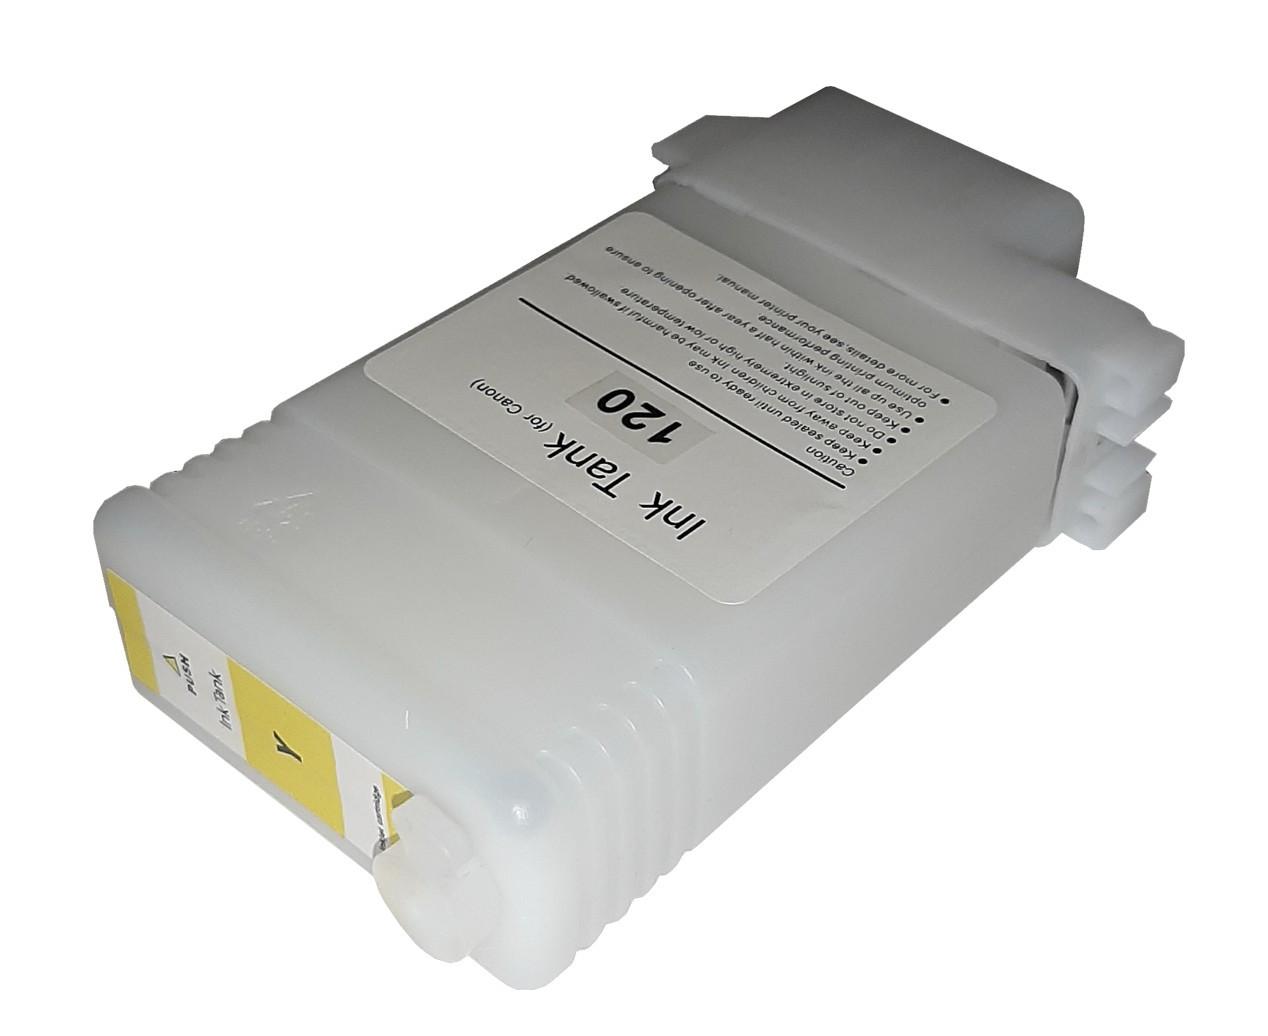 Перезаправляемый картридж Ocbestjet для плоттеров Canon TM-200/300 с чипом PFI-120 Yellow (130 мл)